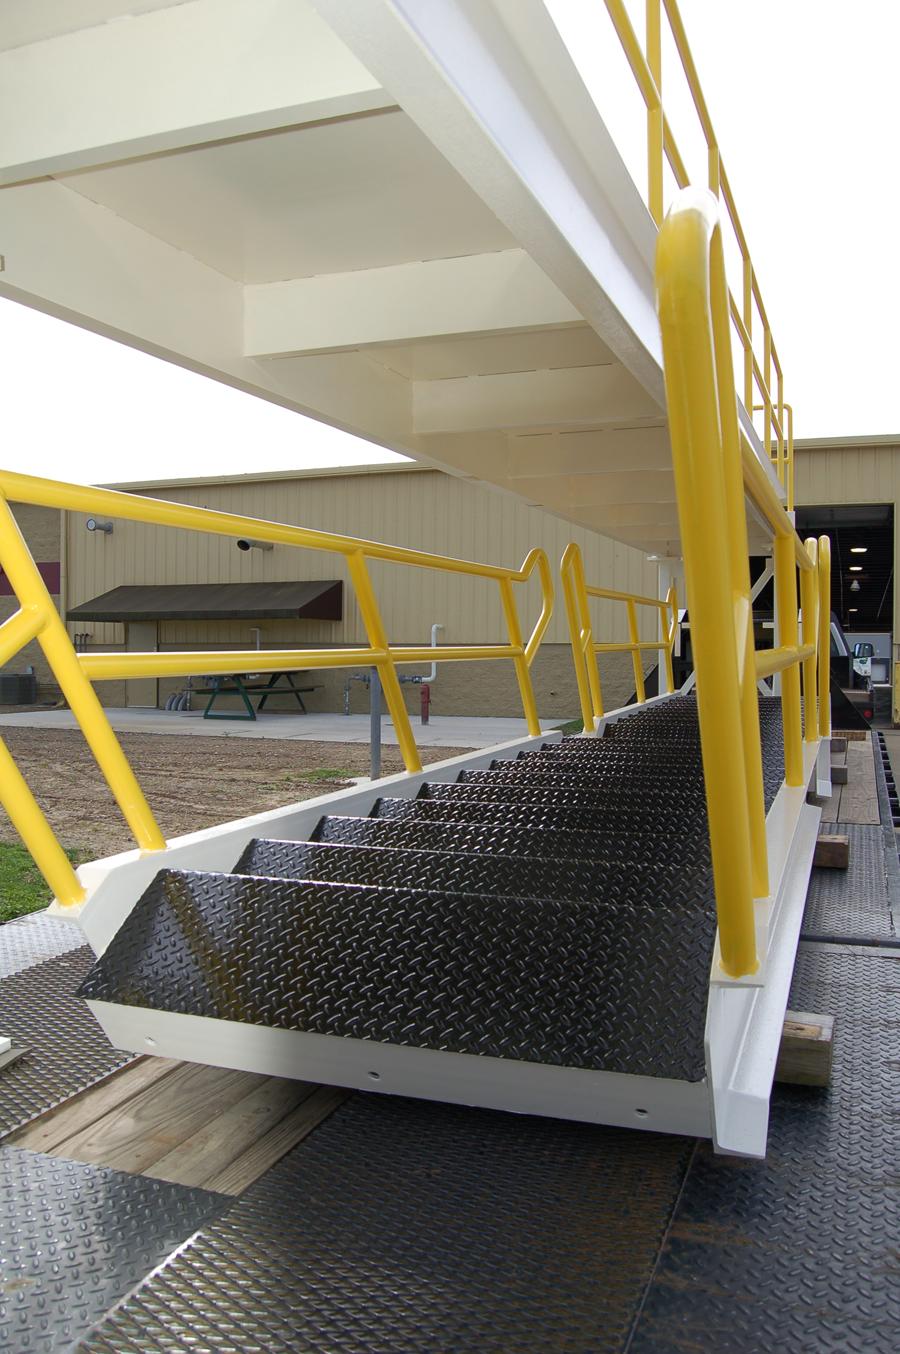 Platformb1